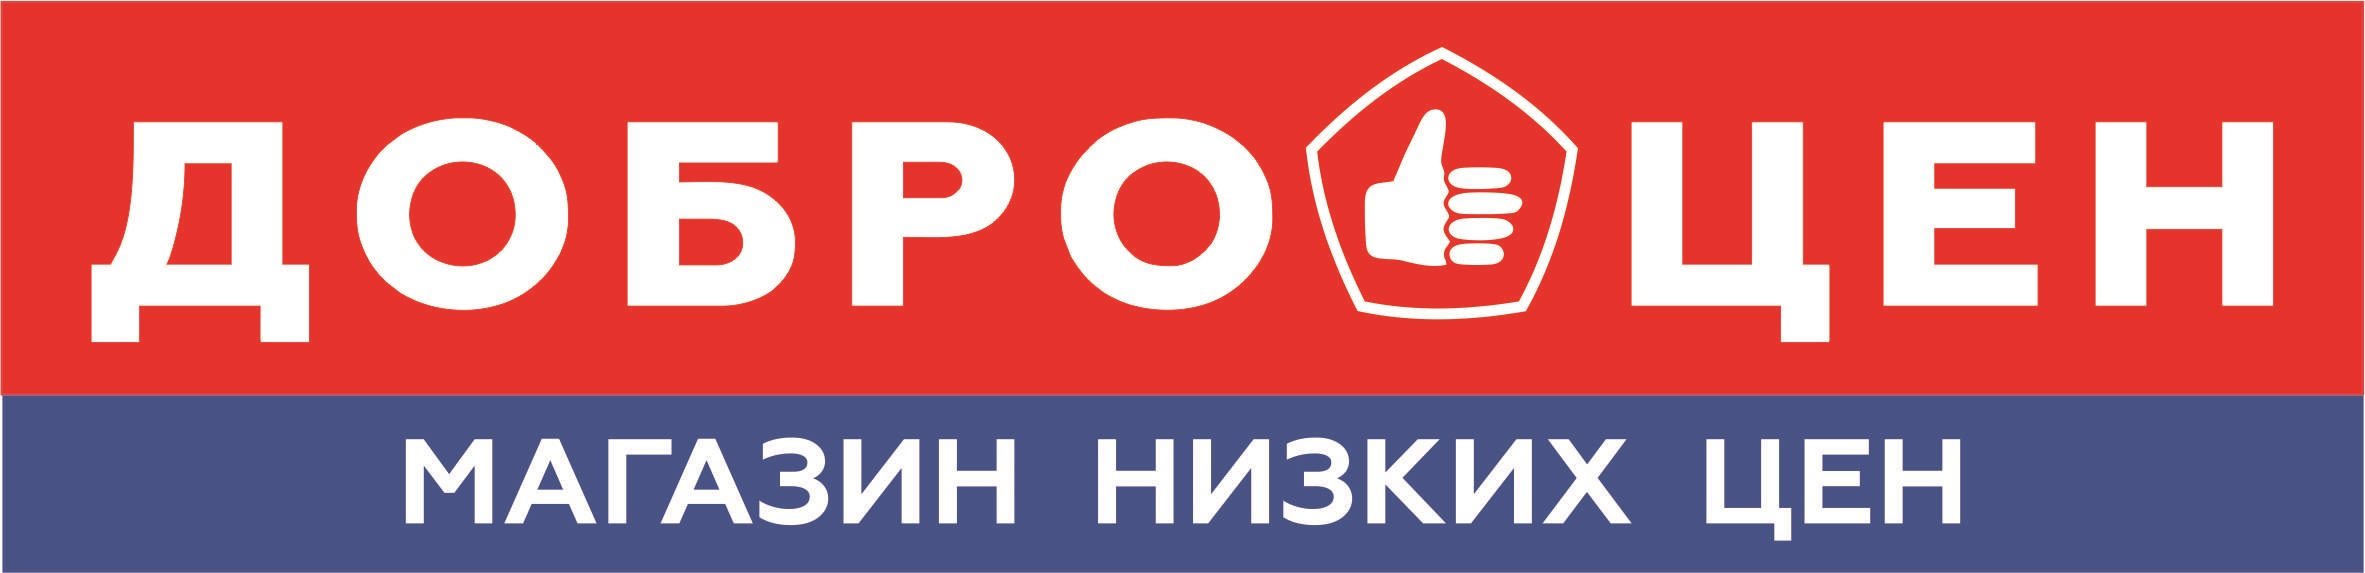 Логотип компании «Dobrotsen»